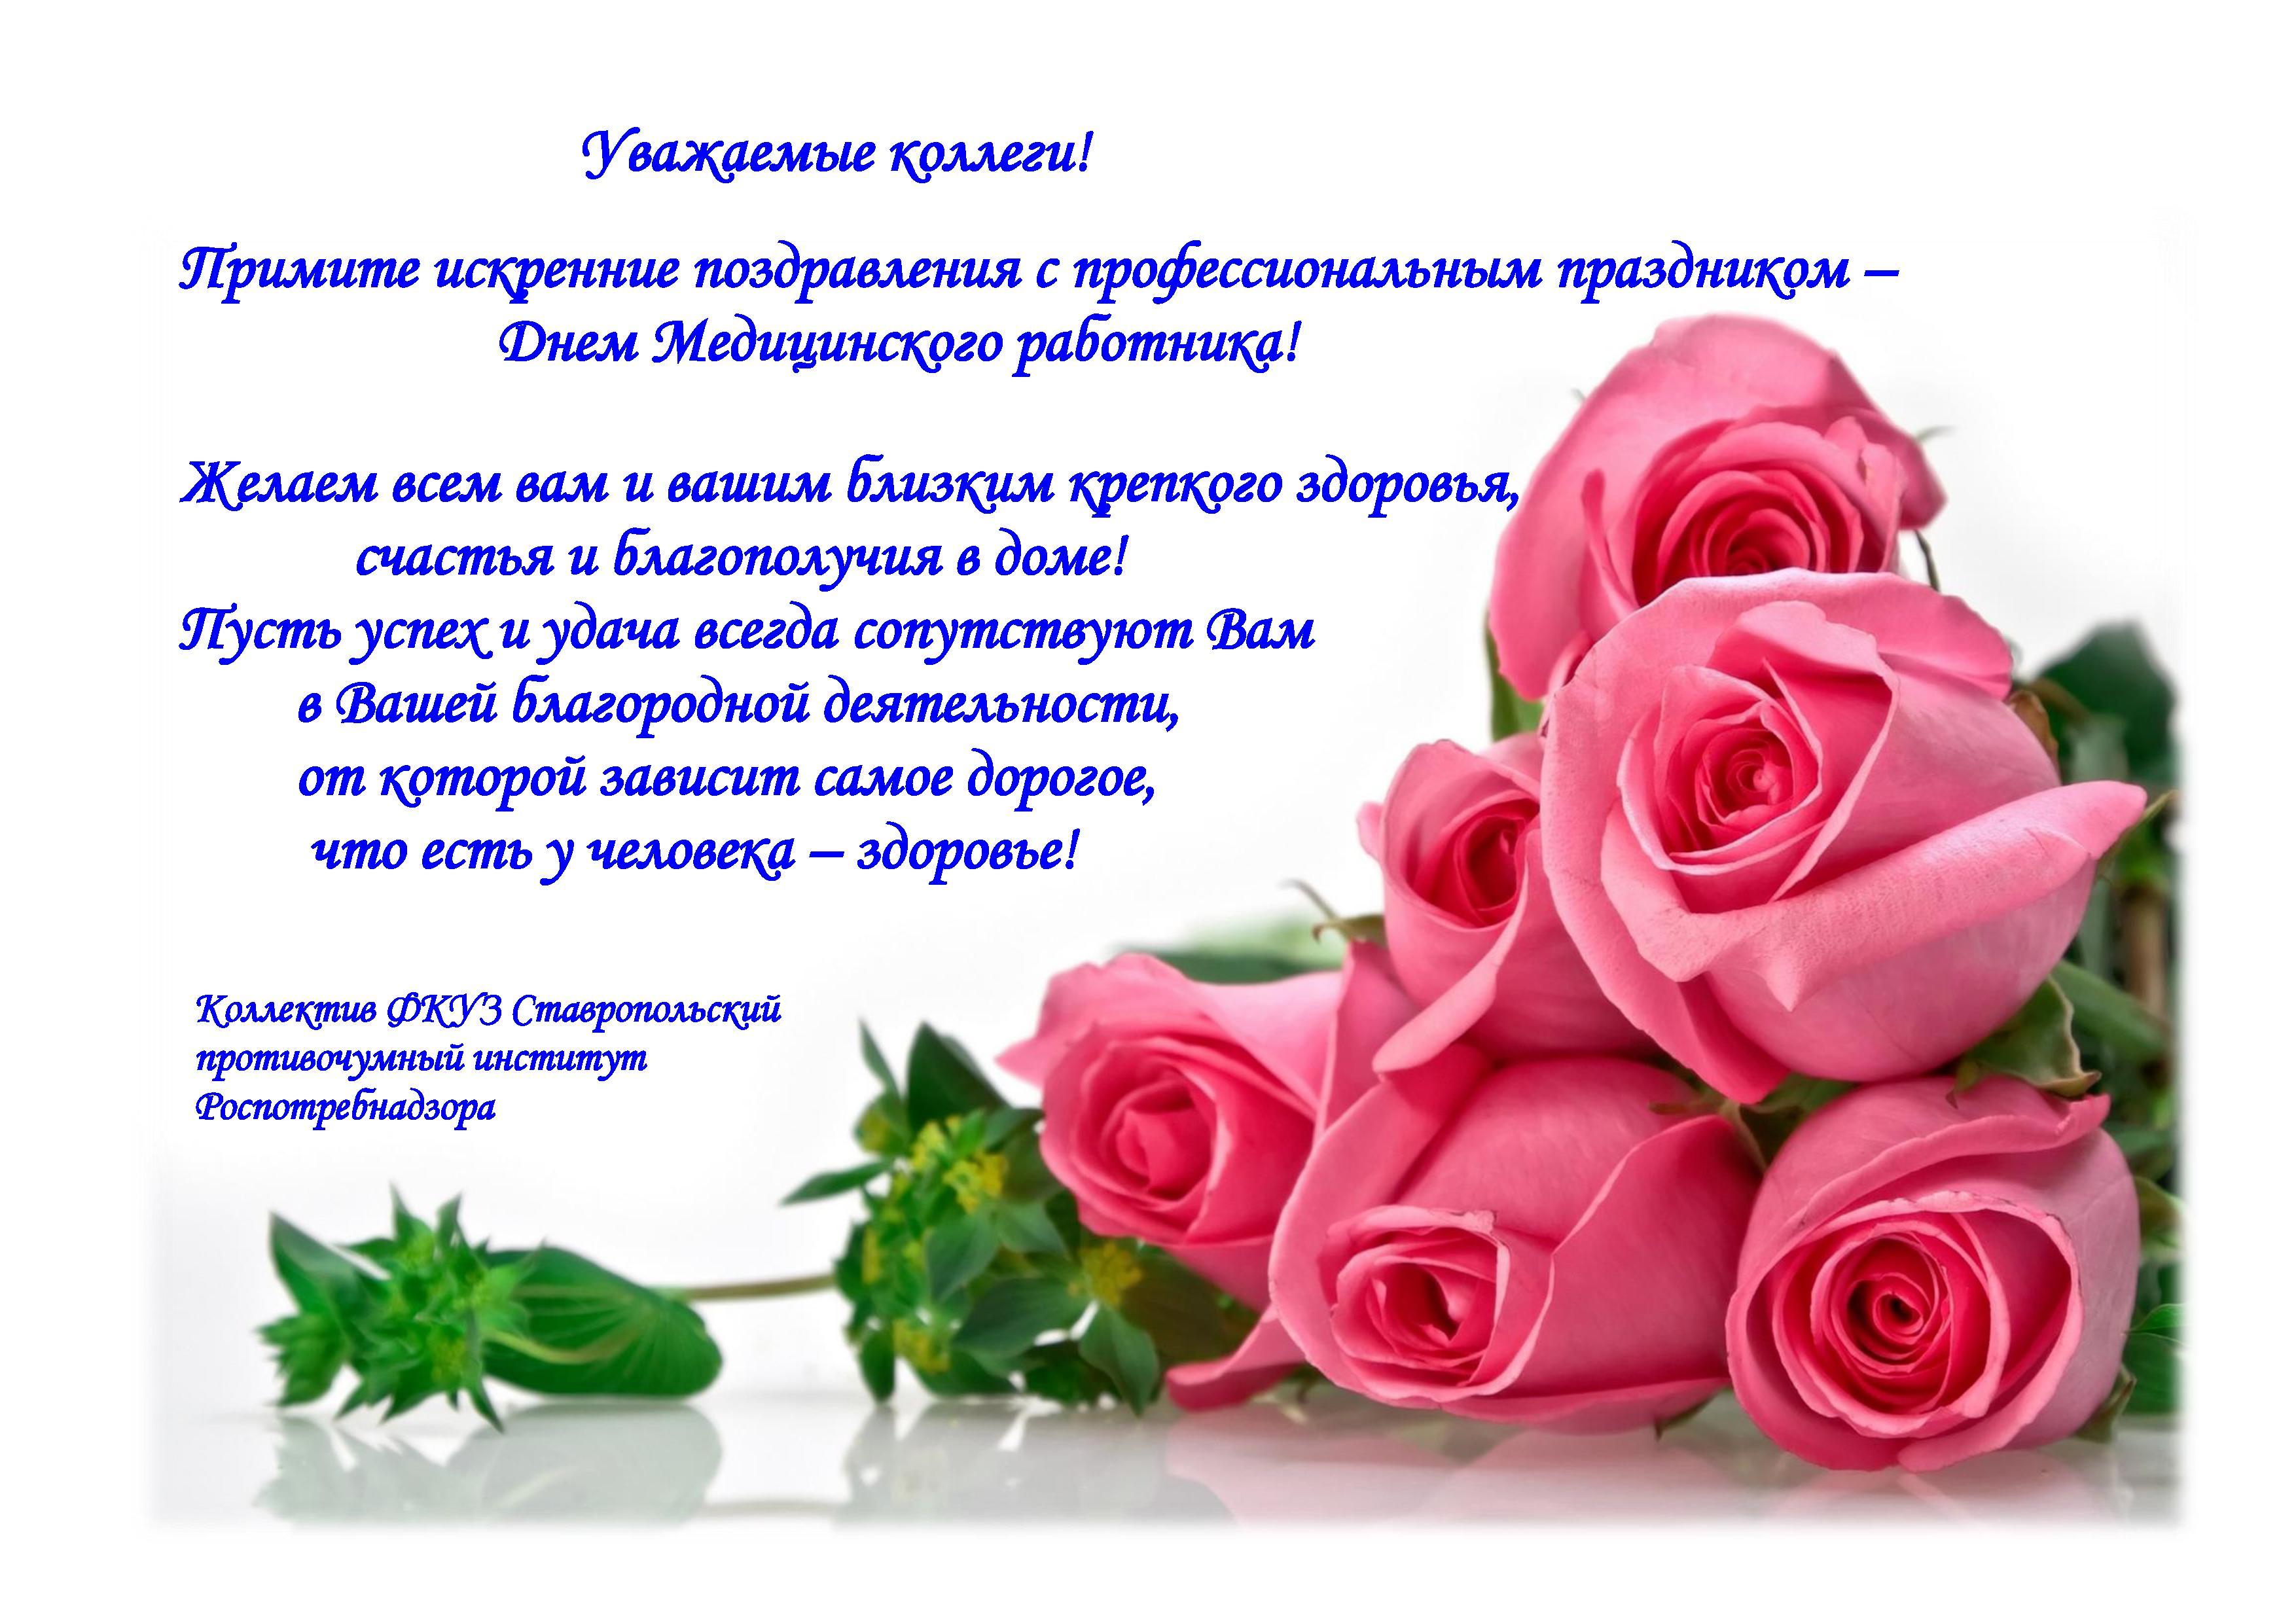 Поздравления с днем медика роспотребнадзор